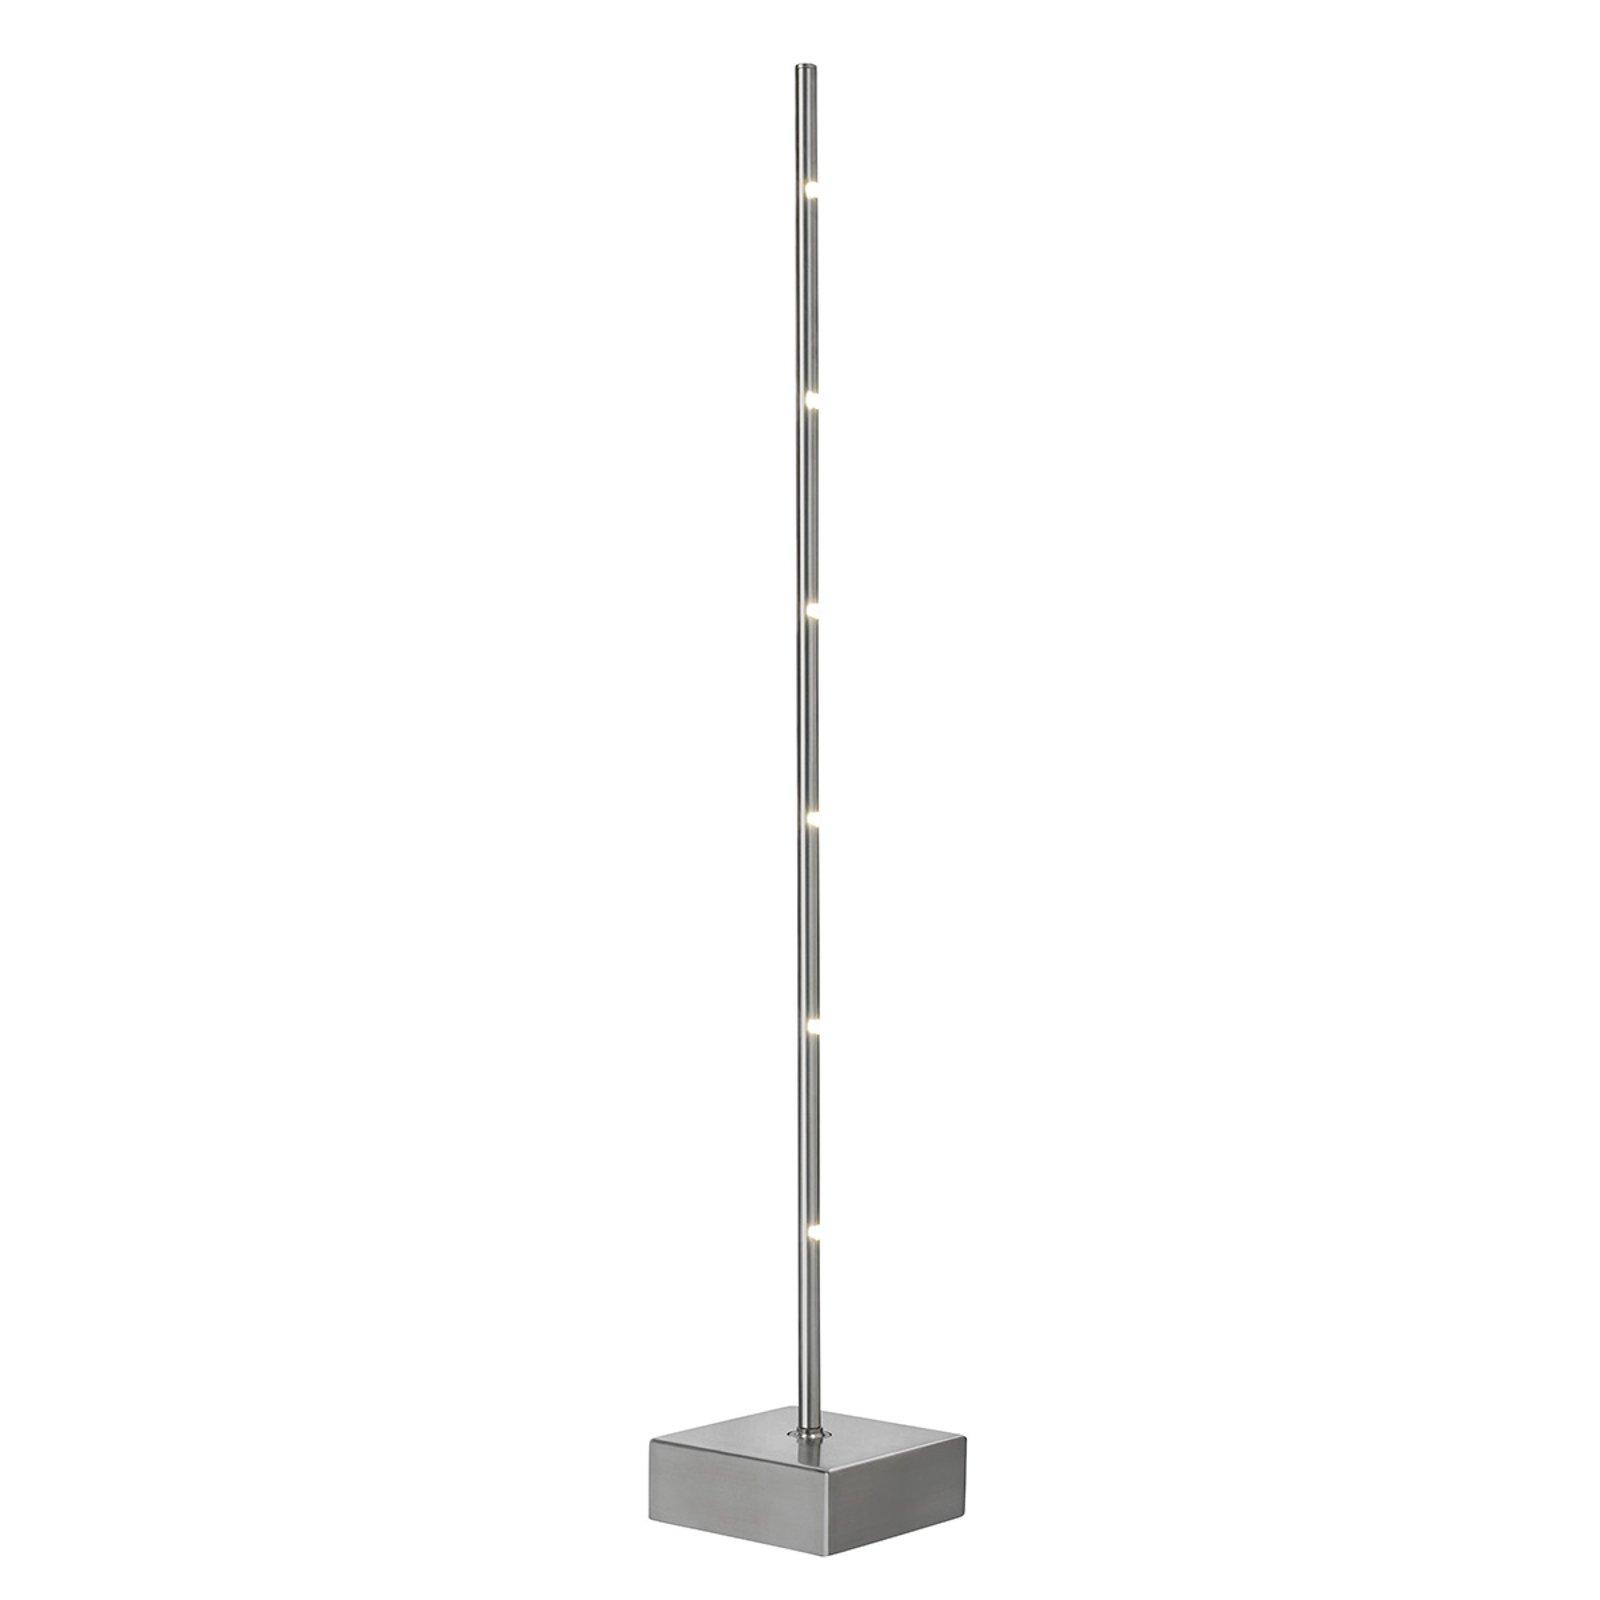 LED-bordlampe Pin med dimmer, seks lyskilder